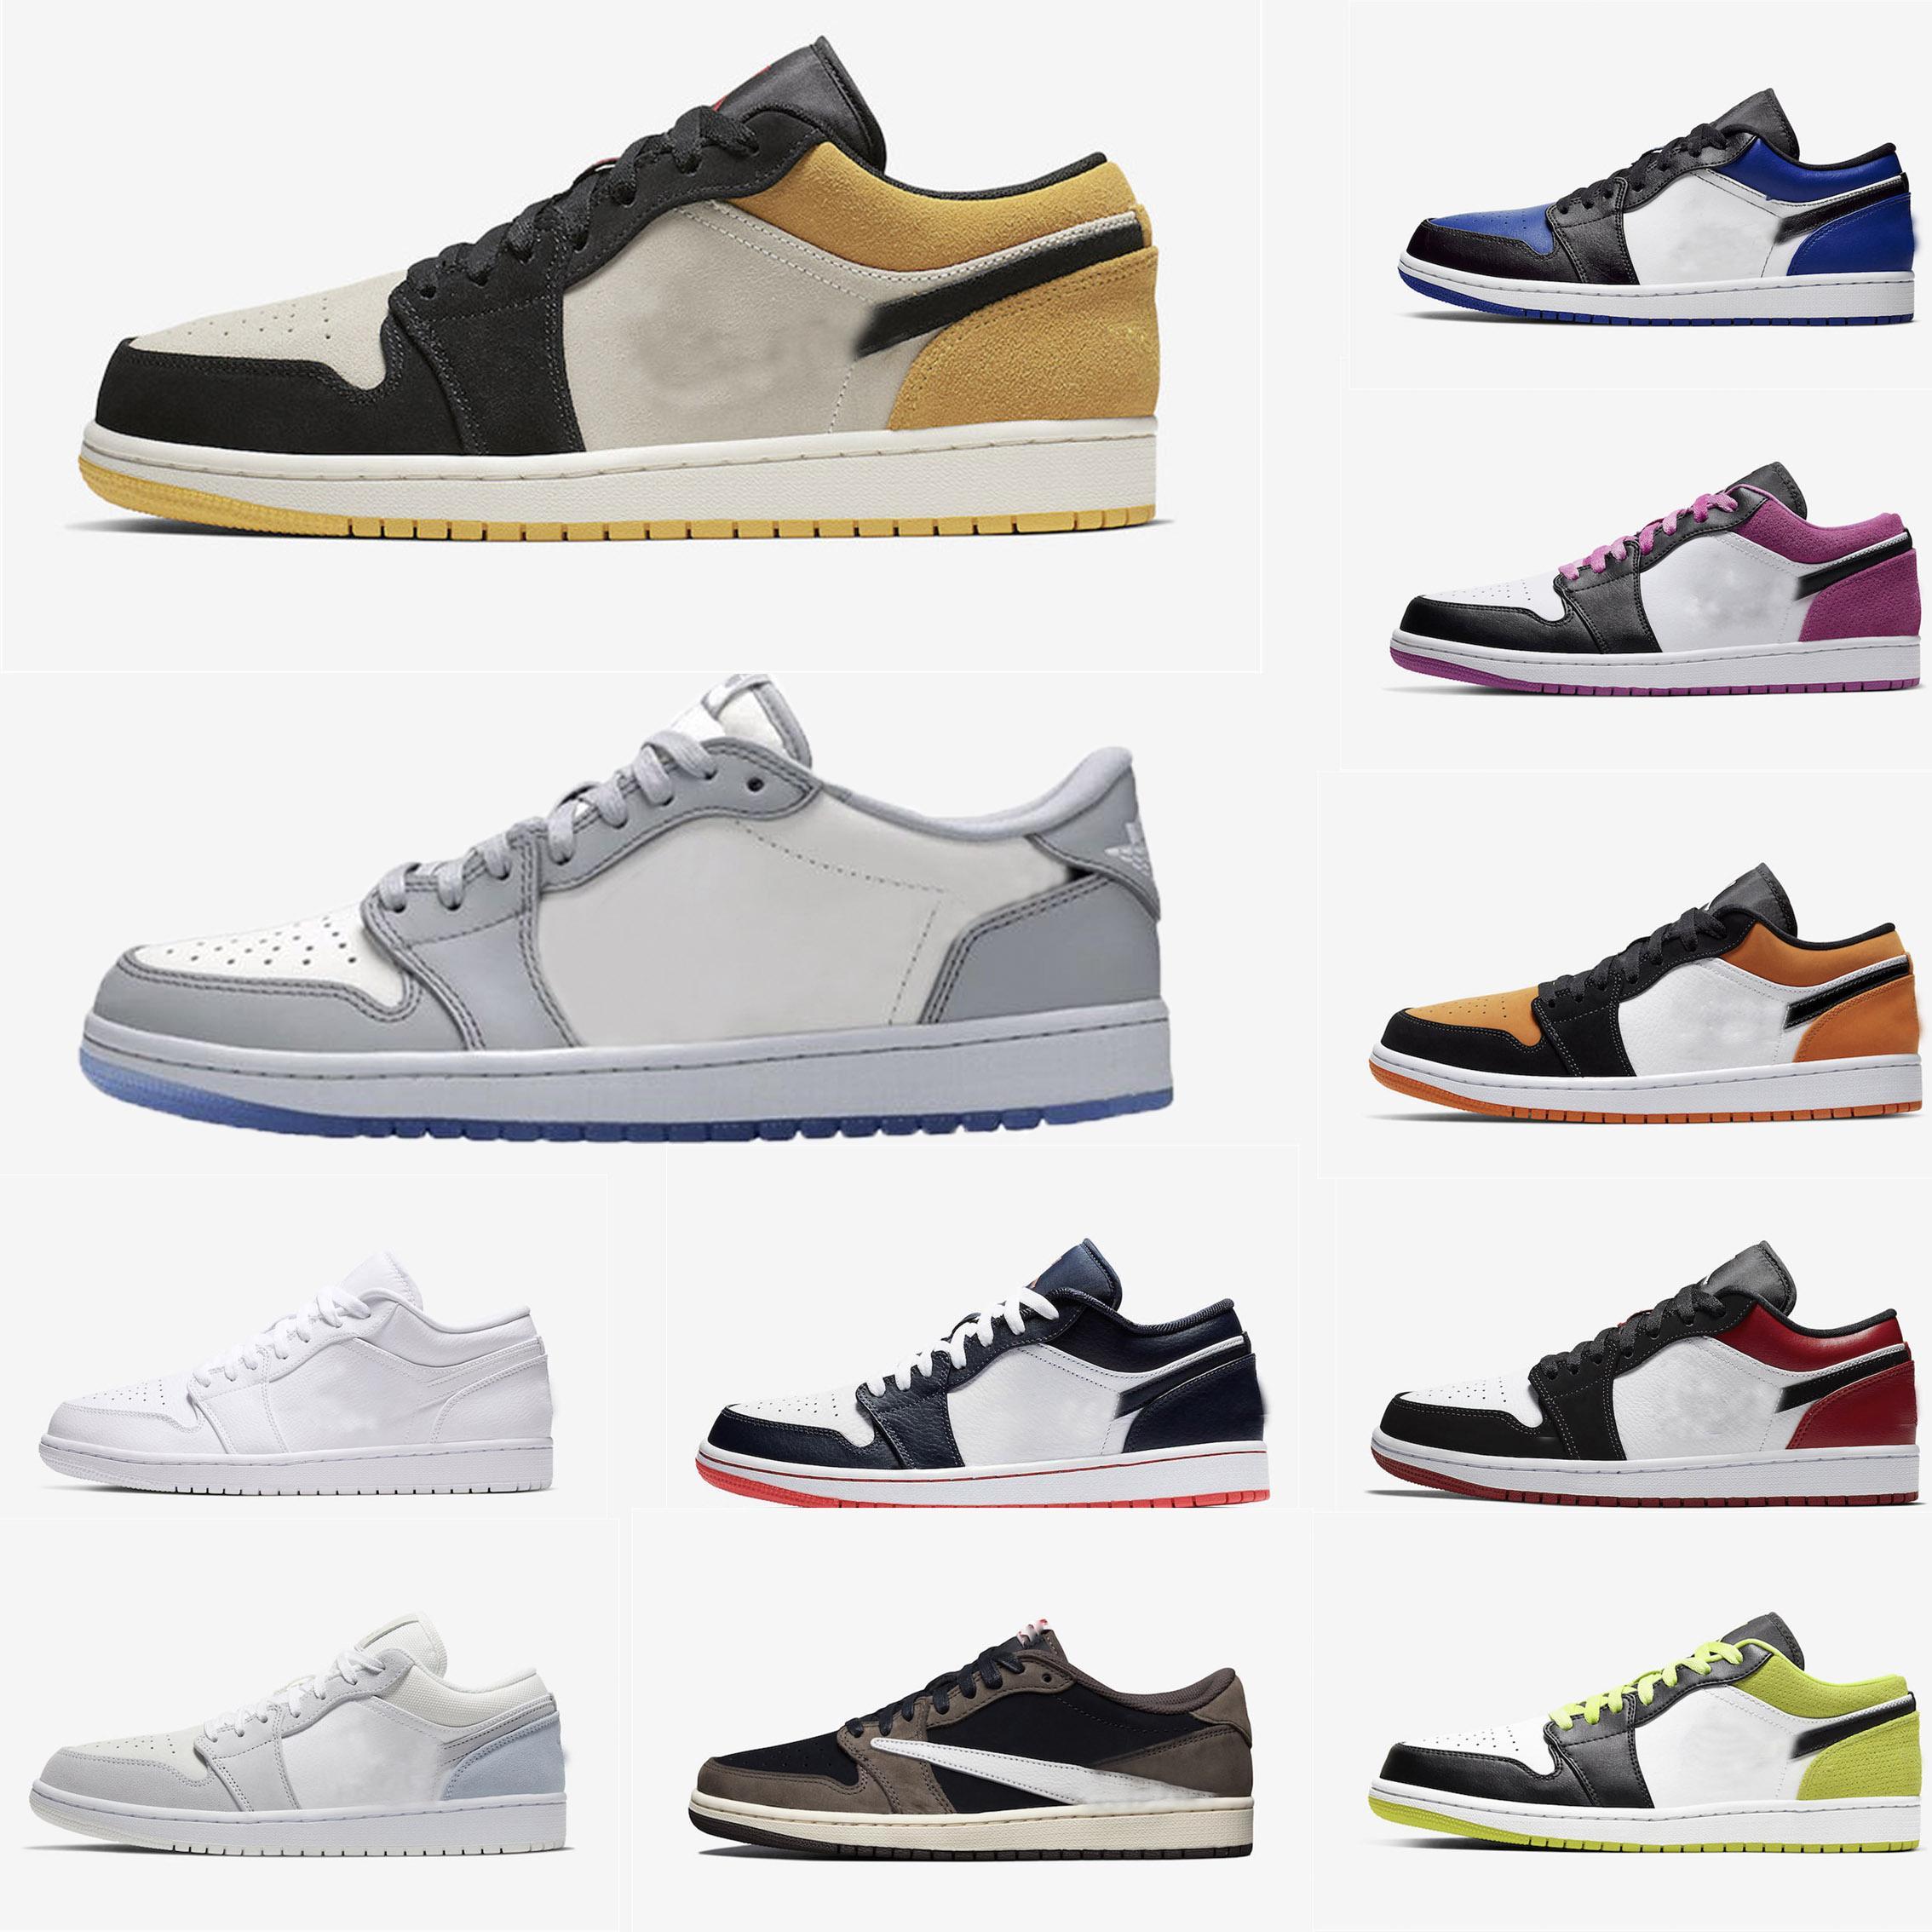 2020 عالية 1 جزء UNC الخوف توربو الأحذية الخضراء الاحذية OG منتصف الرجال أحذية رياضية رويال المحظورة bred bred المدربين الأبيض